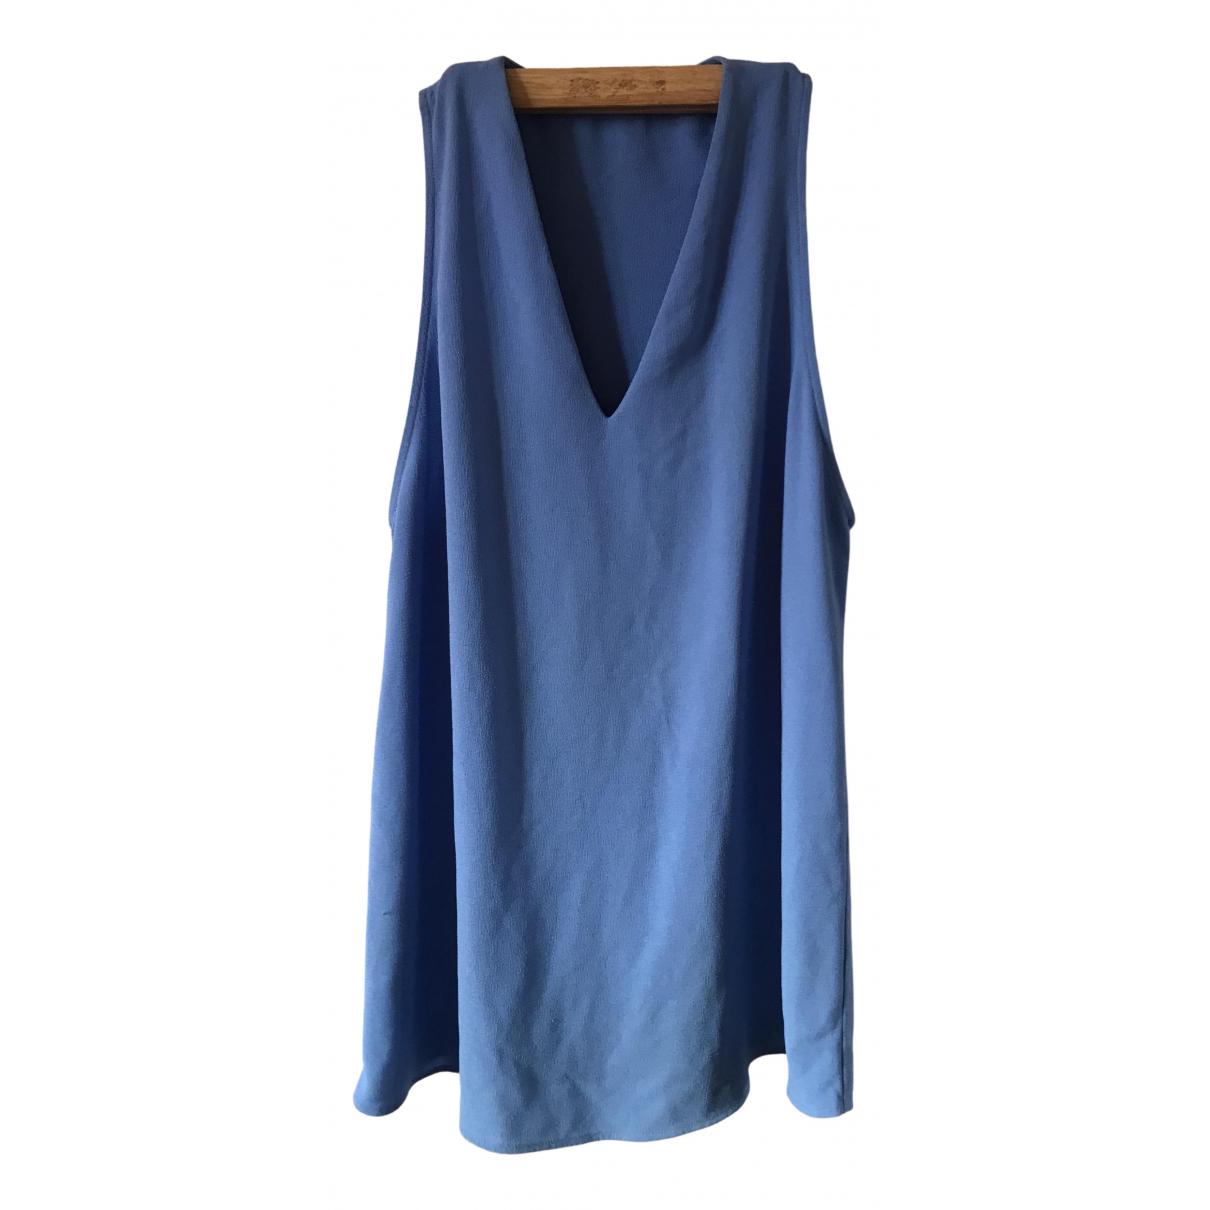 American Apparel \N Kleid in  Blau Polyester